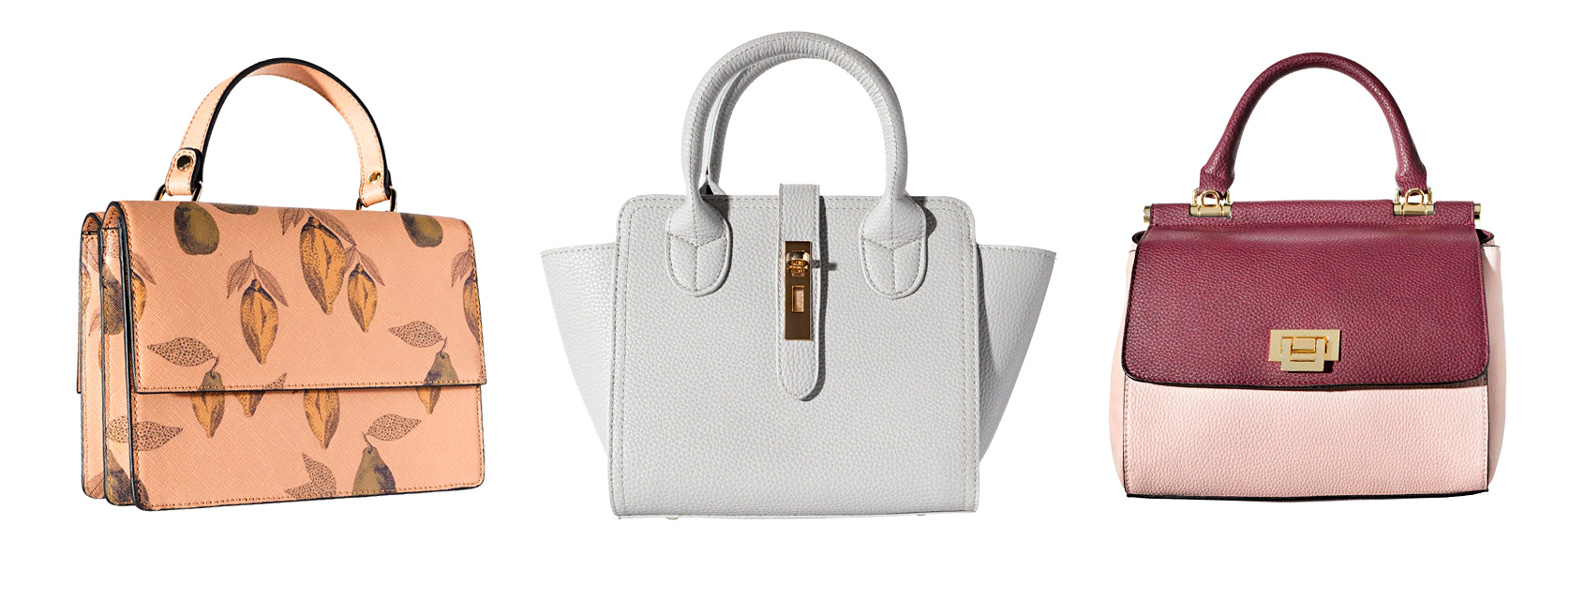 bags-37.jpg